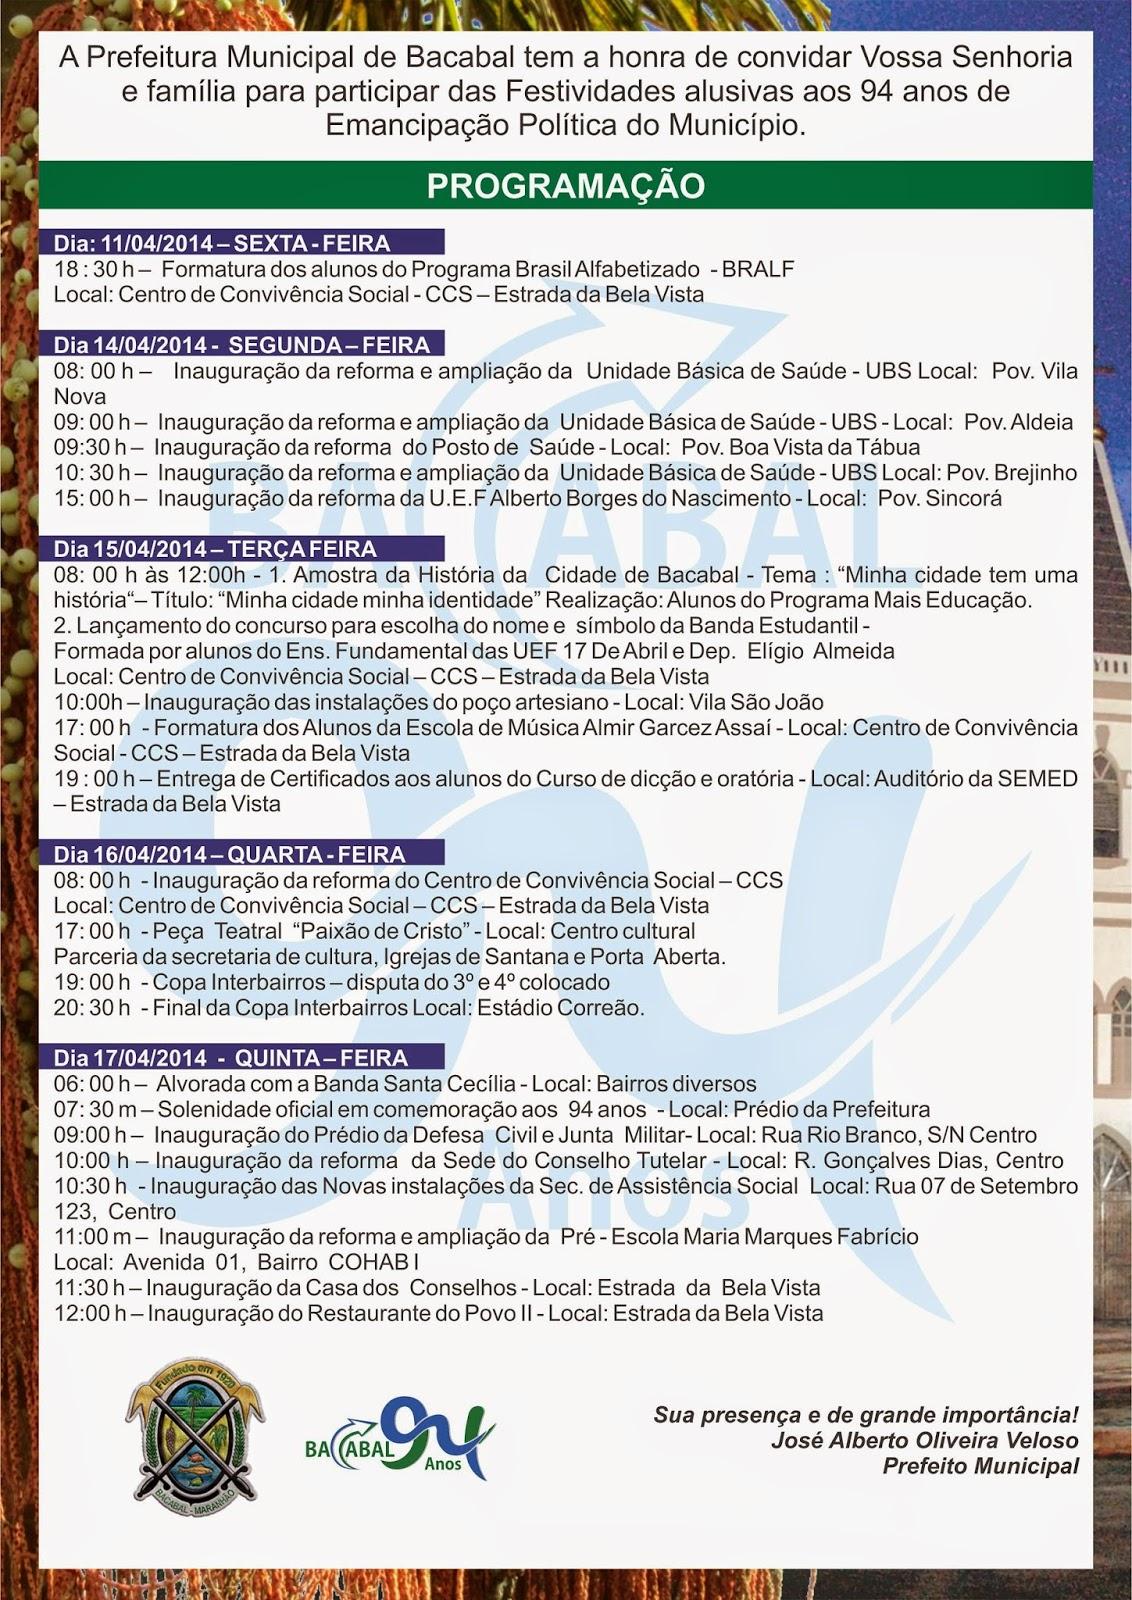 Programação oficial do aniversário de 94 anos da cidade de Bacabal – MA